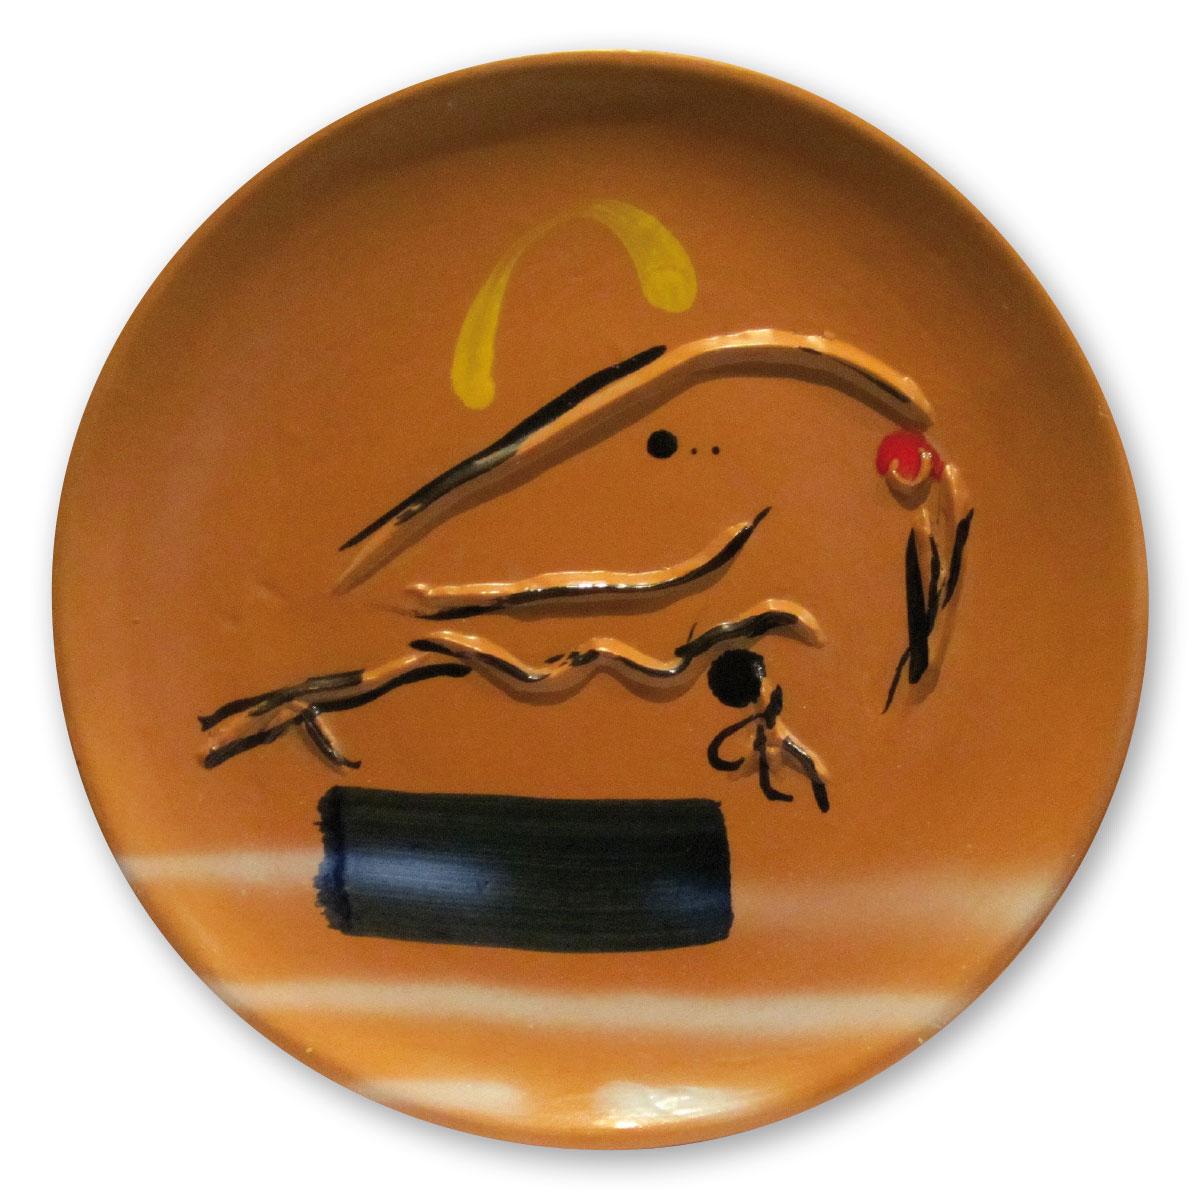 L'opera dell'artista Sergio Dangelo acquisita dal Museo a cielo aperto di Denice, dedicato alla ceramica contemporanea